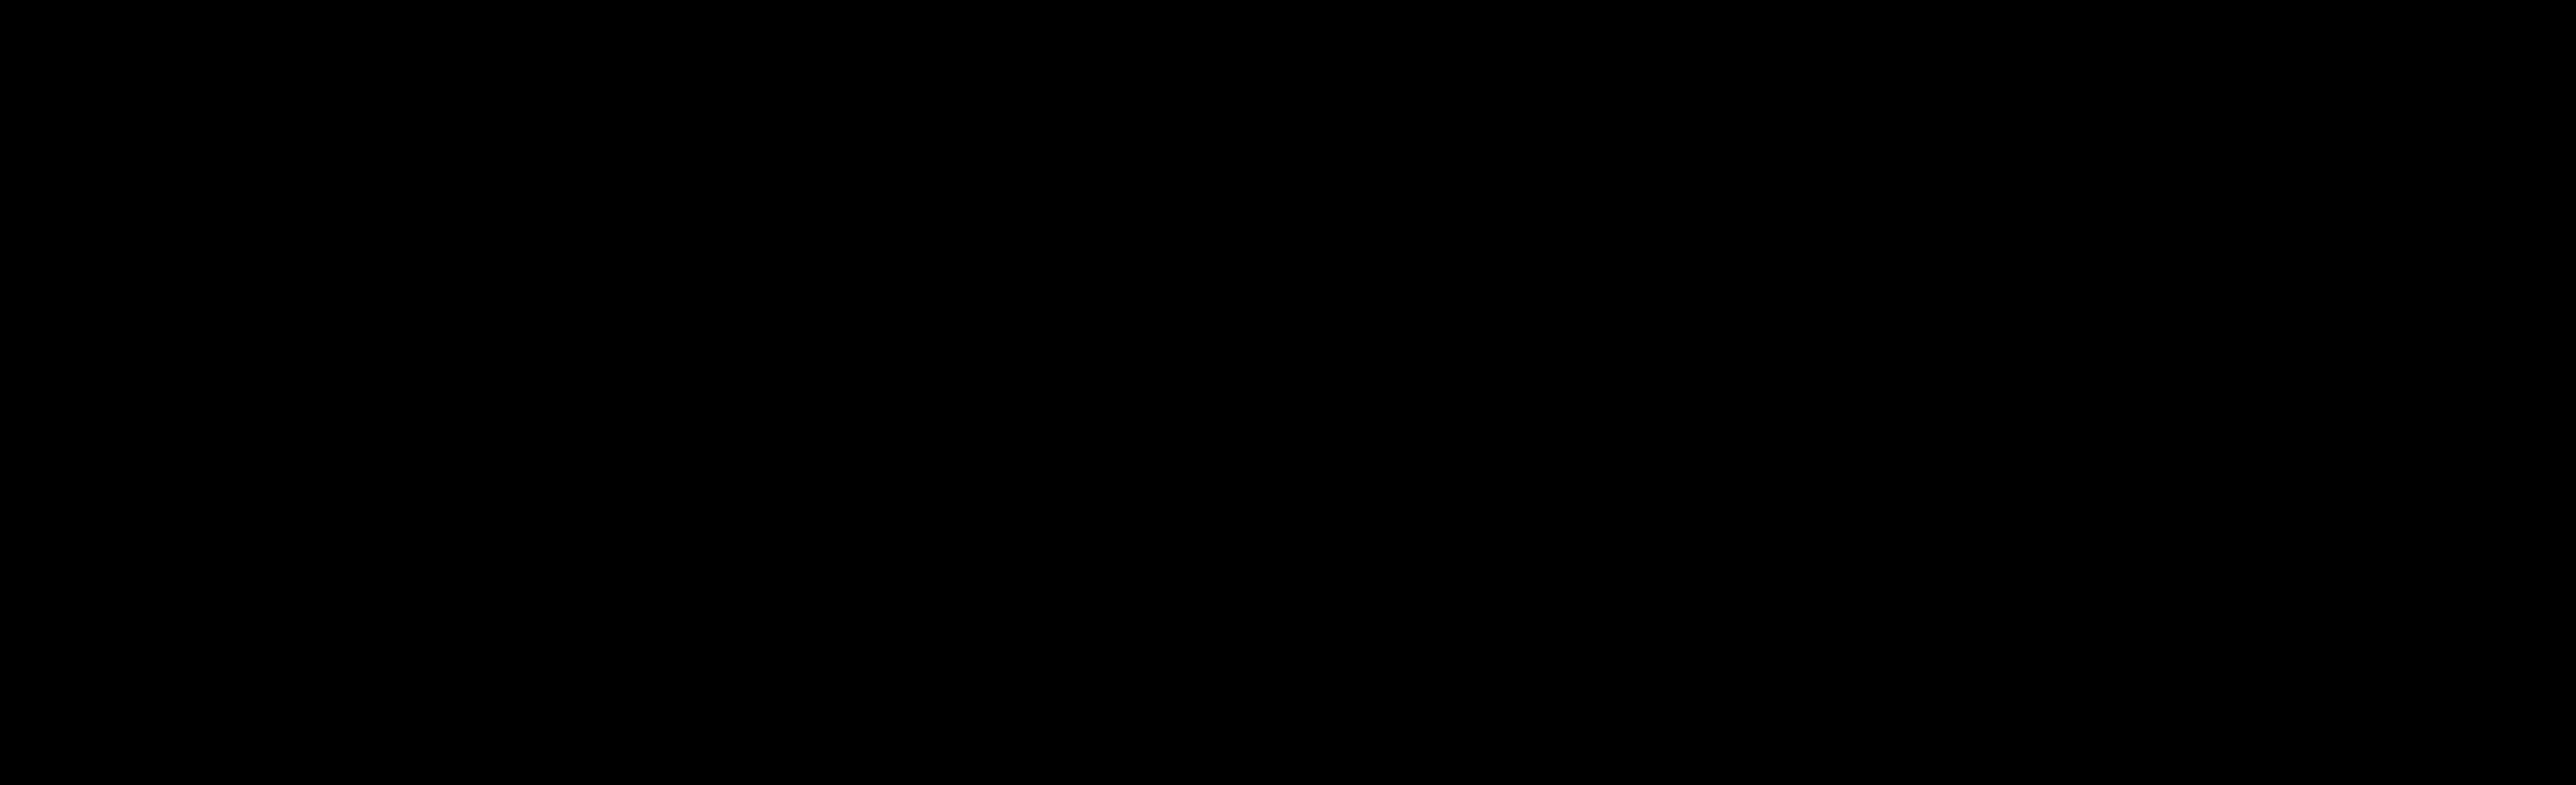 Arizona Technology Council's logo for Arizona Photonics Day 2019